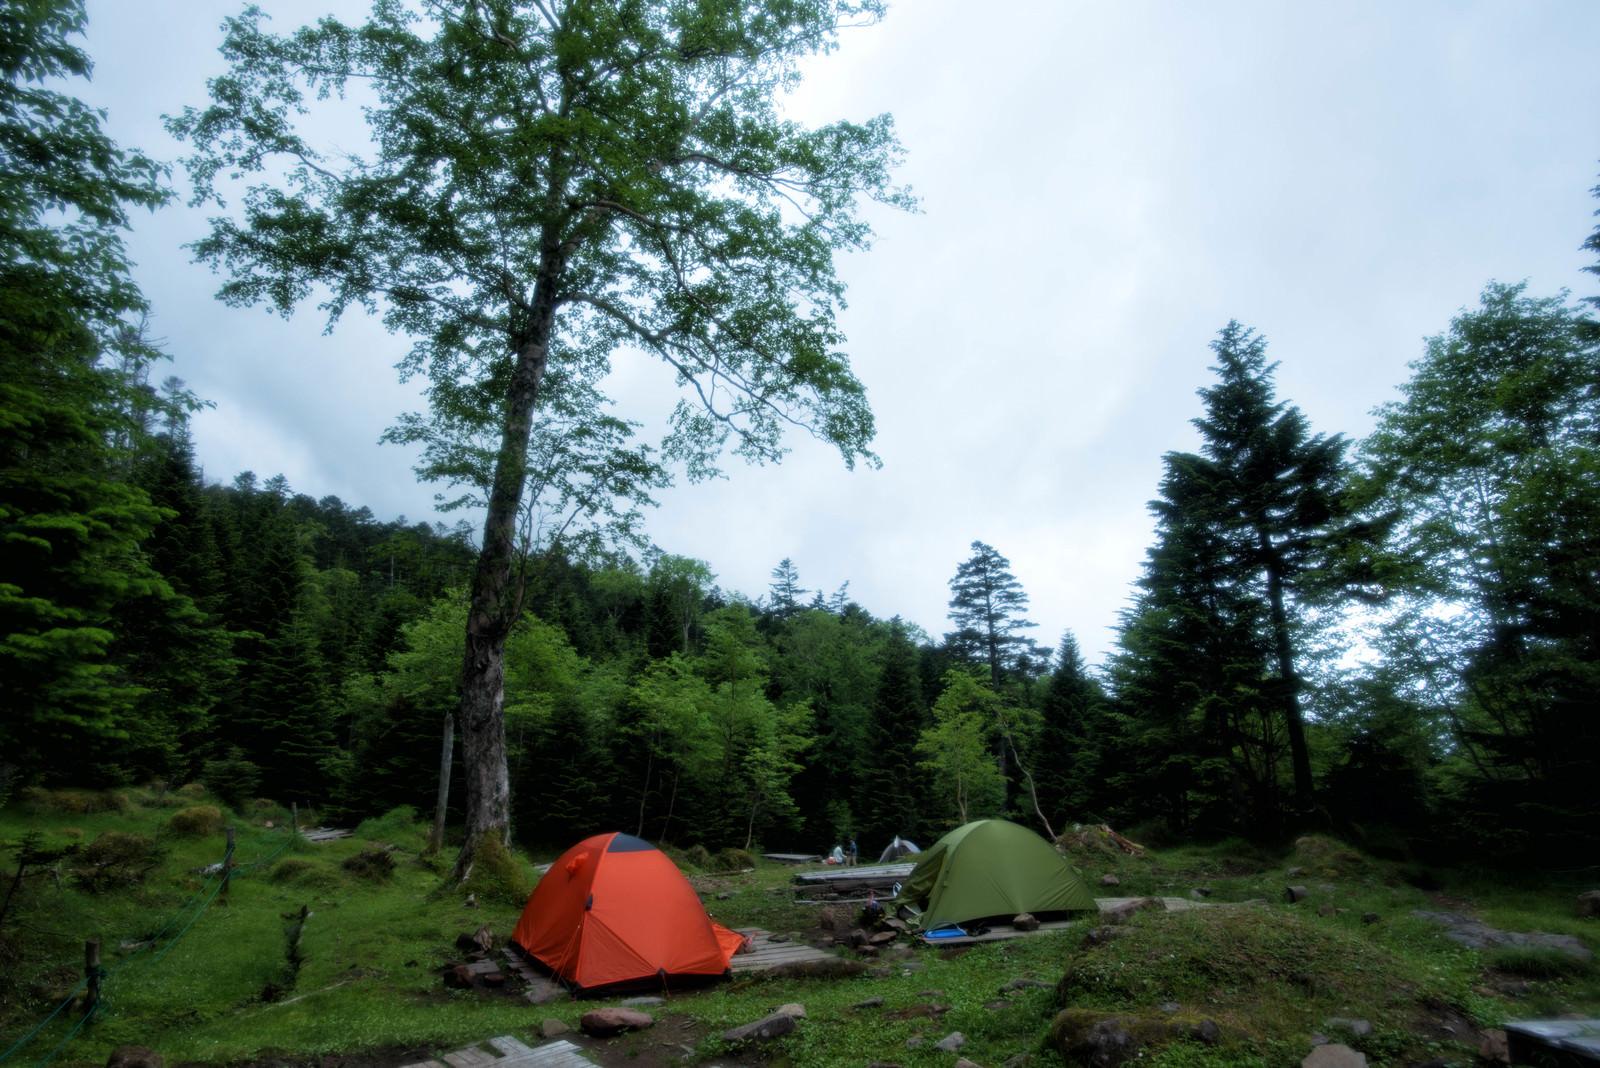 「オーレン小屋のテント場に立つテント(八ヶ岳)」の写真